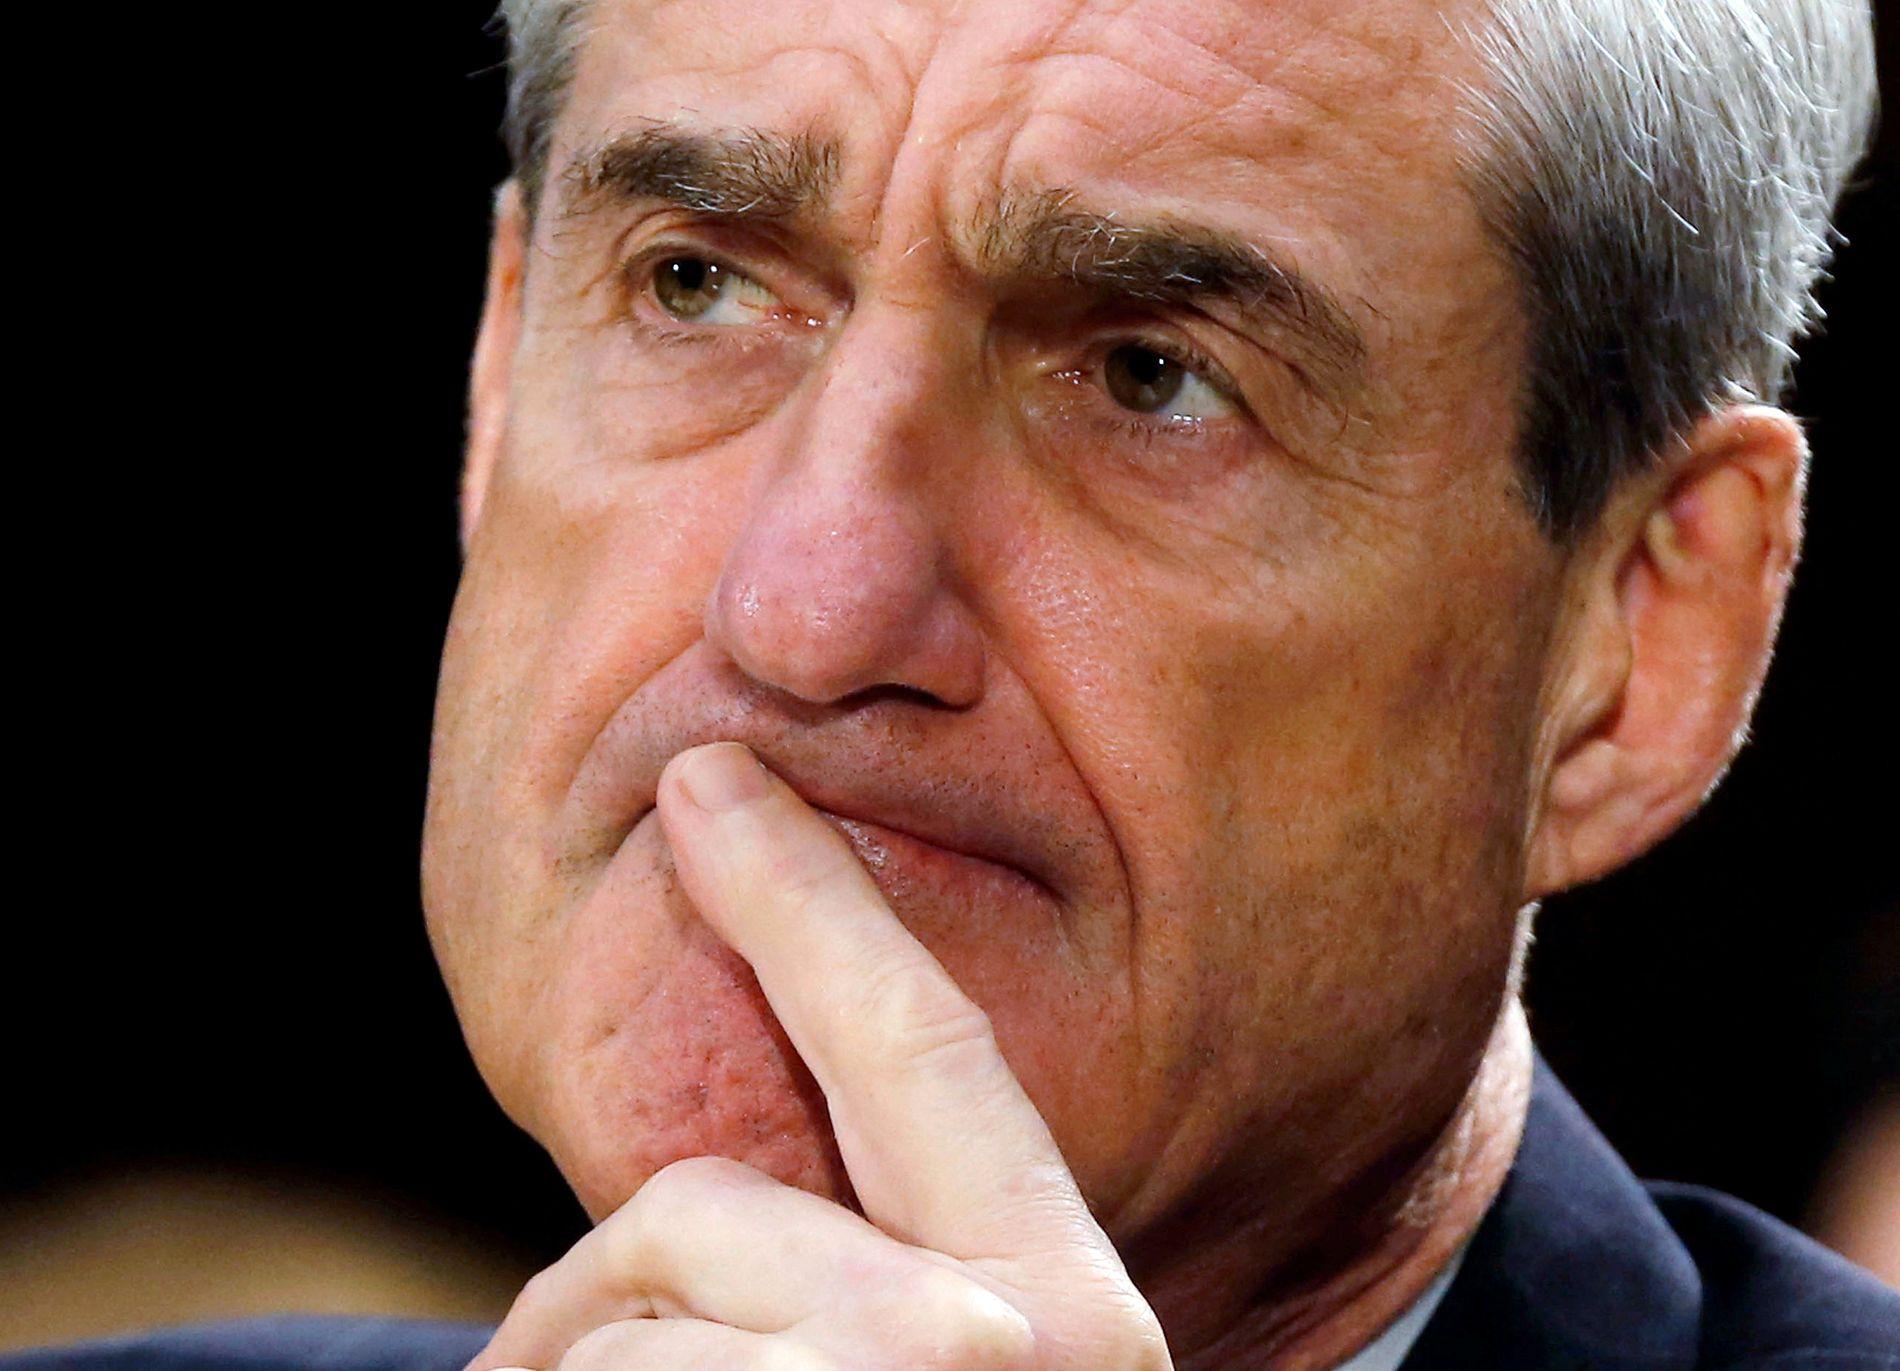 GRANSKER: Robert Mueller leder etterforskningen av en mulig russisk innblanding i det amerikanske presidentvalget, der Trump kom seirende ut.